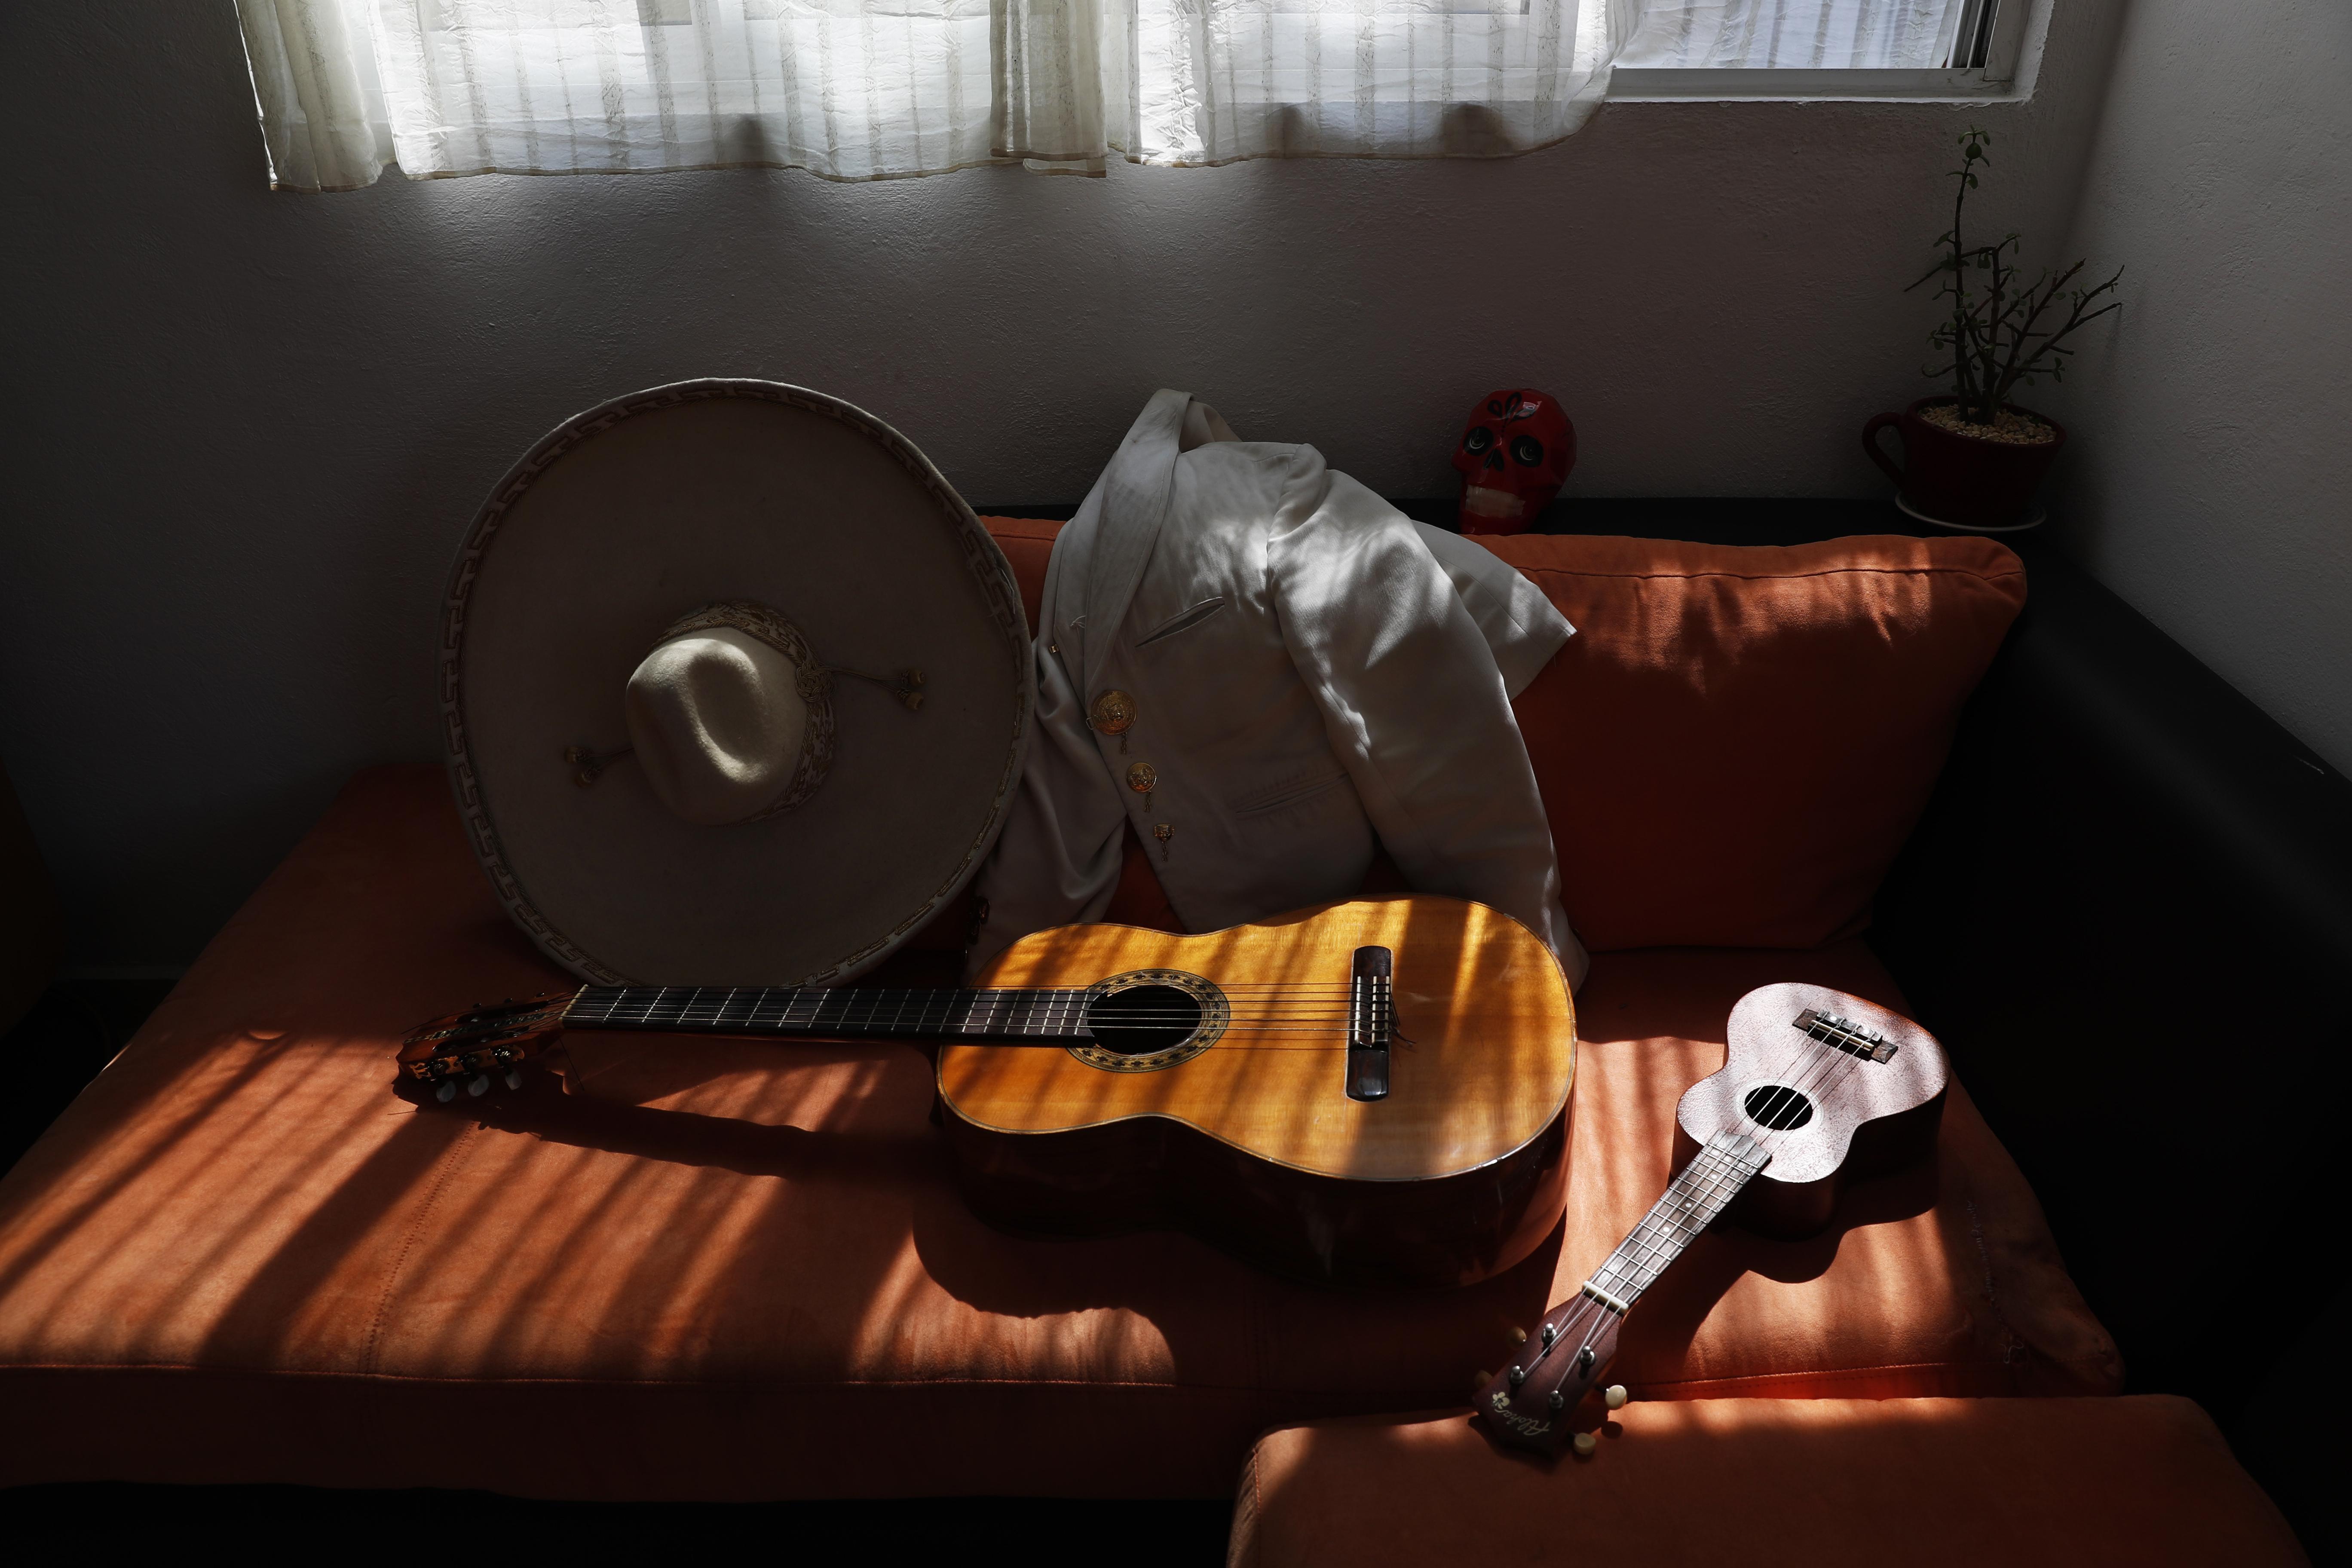 Los instrumentos musicales del Mariachi Duo Villa Maria, Sergio Carpio y Melissa Villar, reposan en el sofá mientras se preparan para tocar desde su casa durante el día de las madres en la Ciudad de México, el domingo 10 de mayo de 2020. El dúo está tocando Mariachi serenatas de forma remota como una forma de evitar el colapso de sus medios de vida causado por el nuevo bloqueo de la pandemia de coronavirus. Cada serenata a través del zoom dura unos 45 minutos. (Foto: AP/Marco Ugarte)